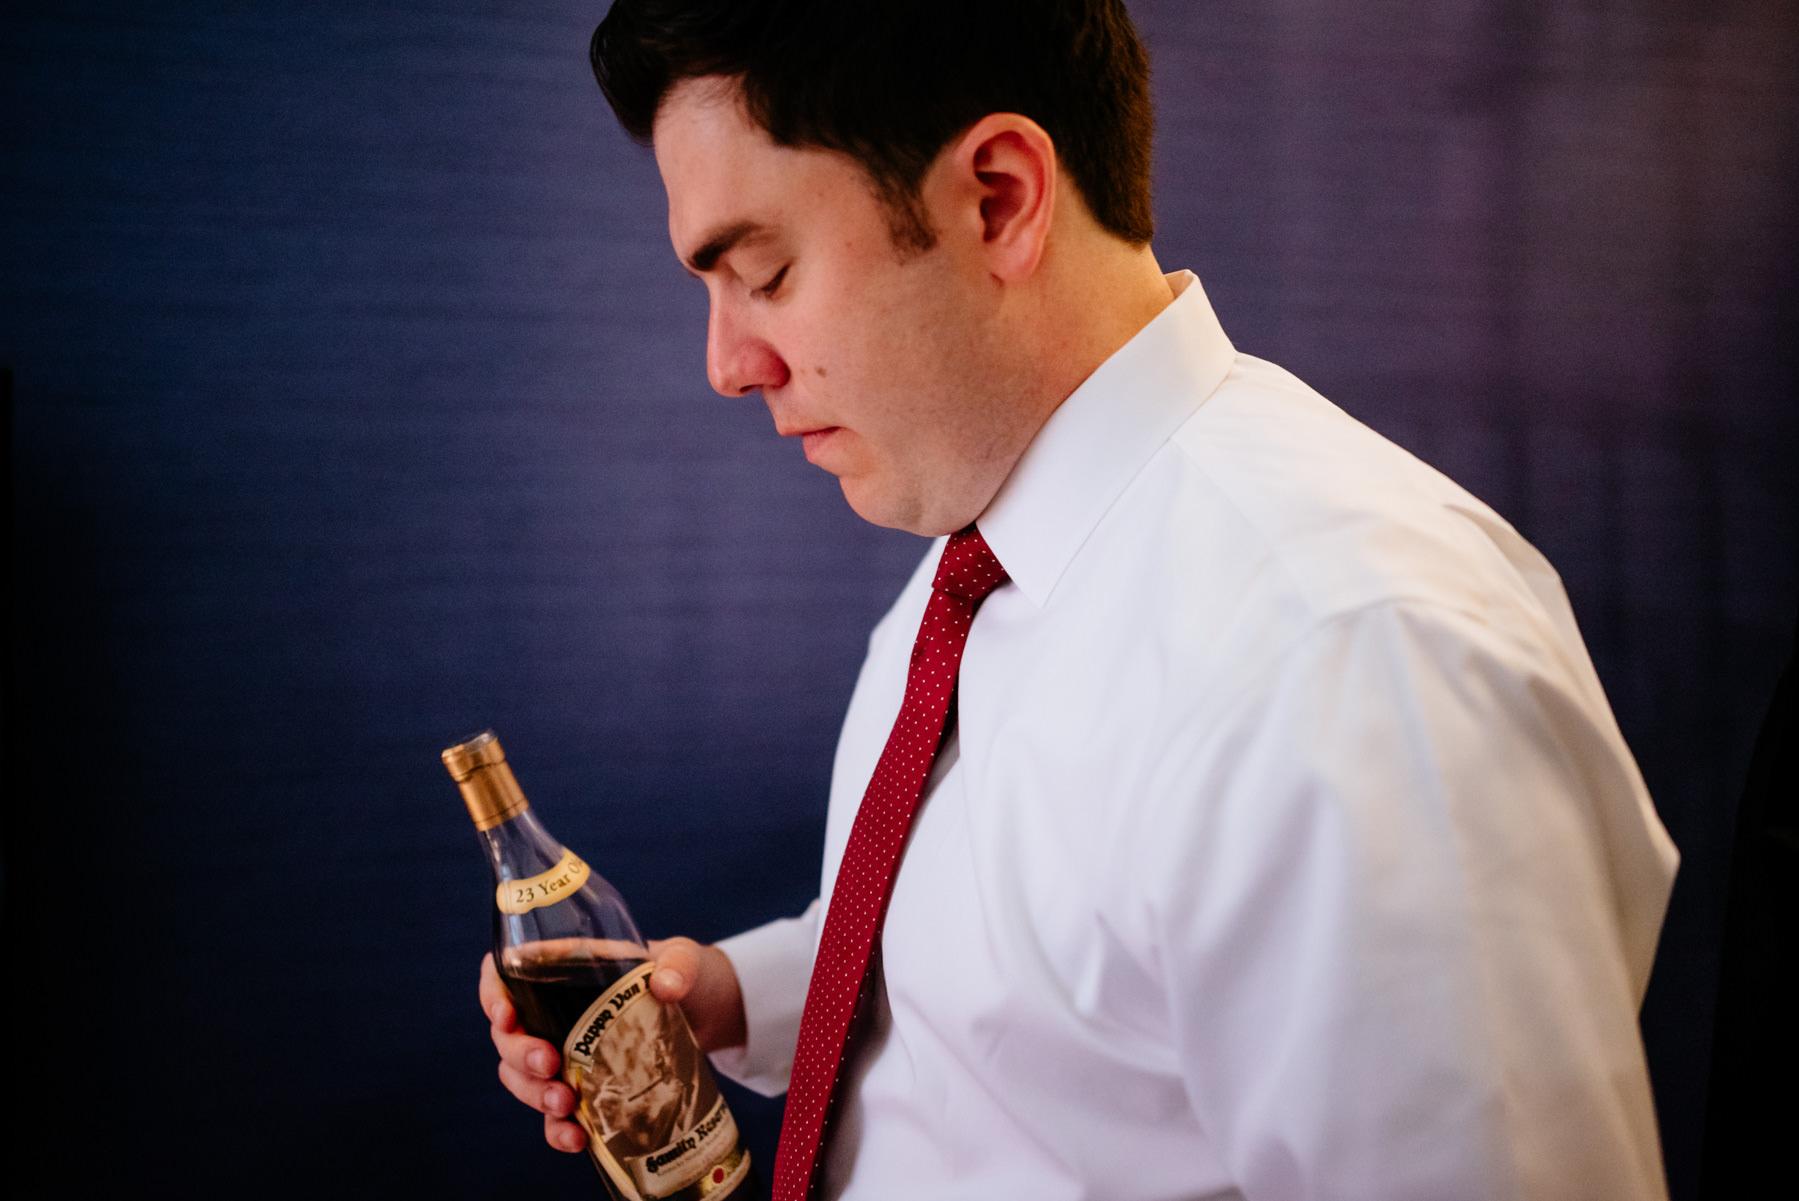 groom with bottle of pappy van winkle whiskey